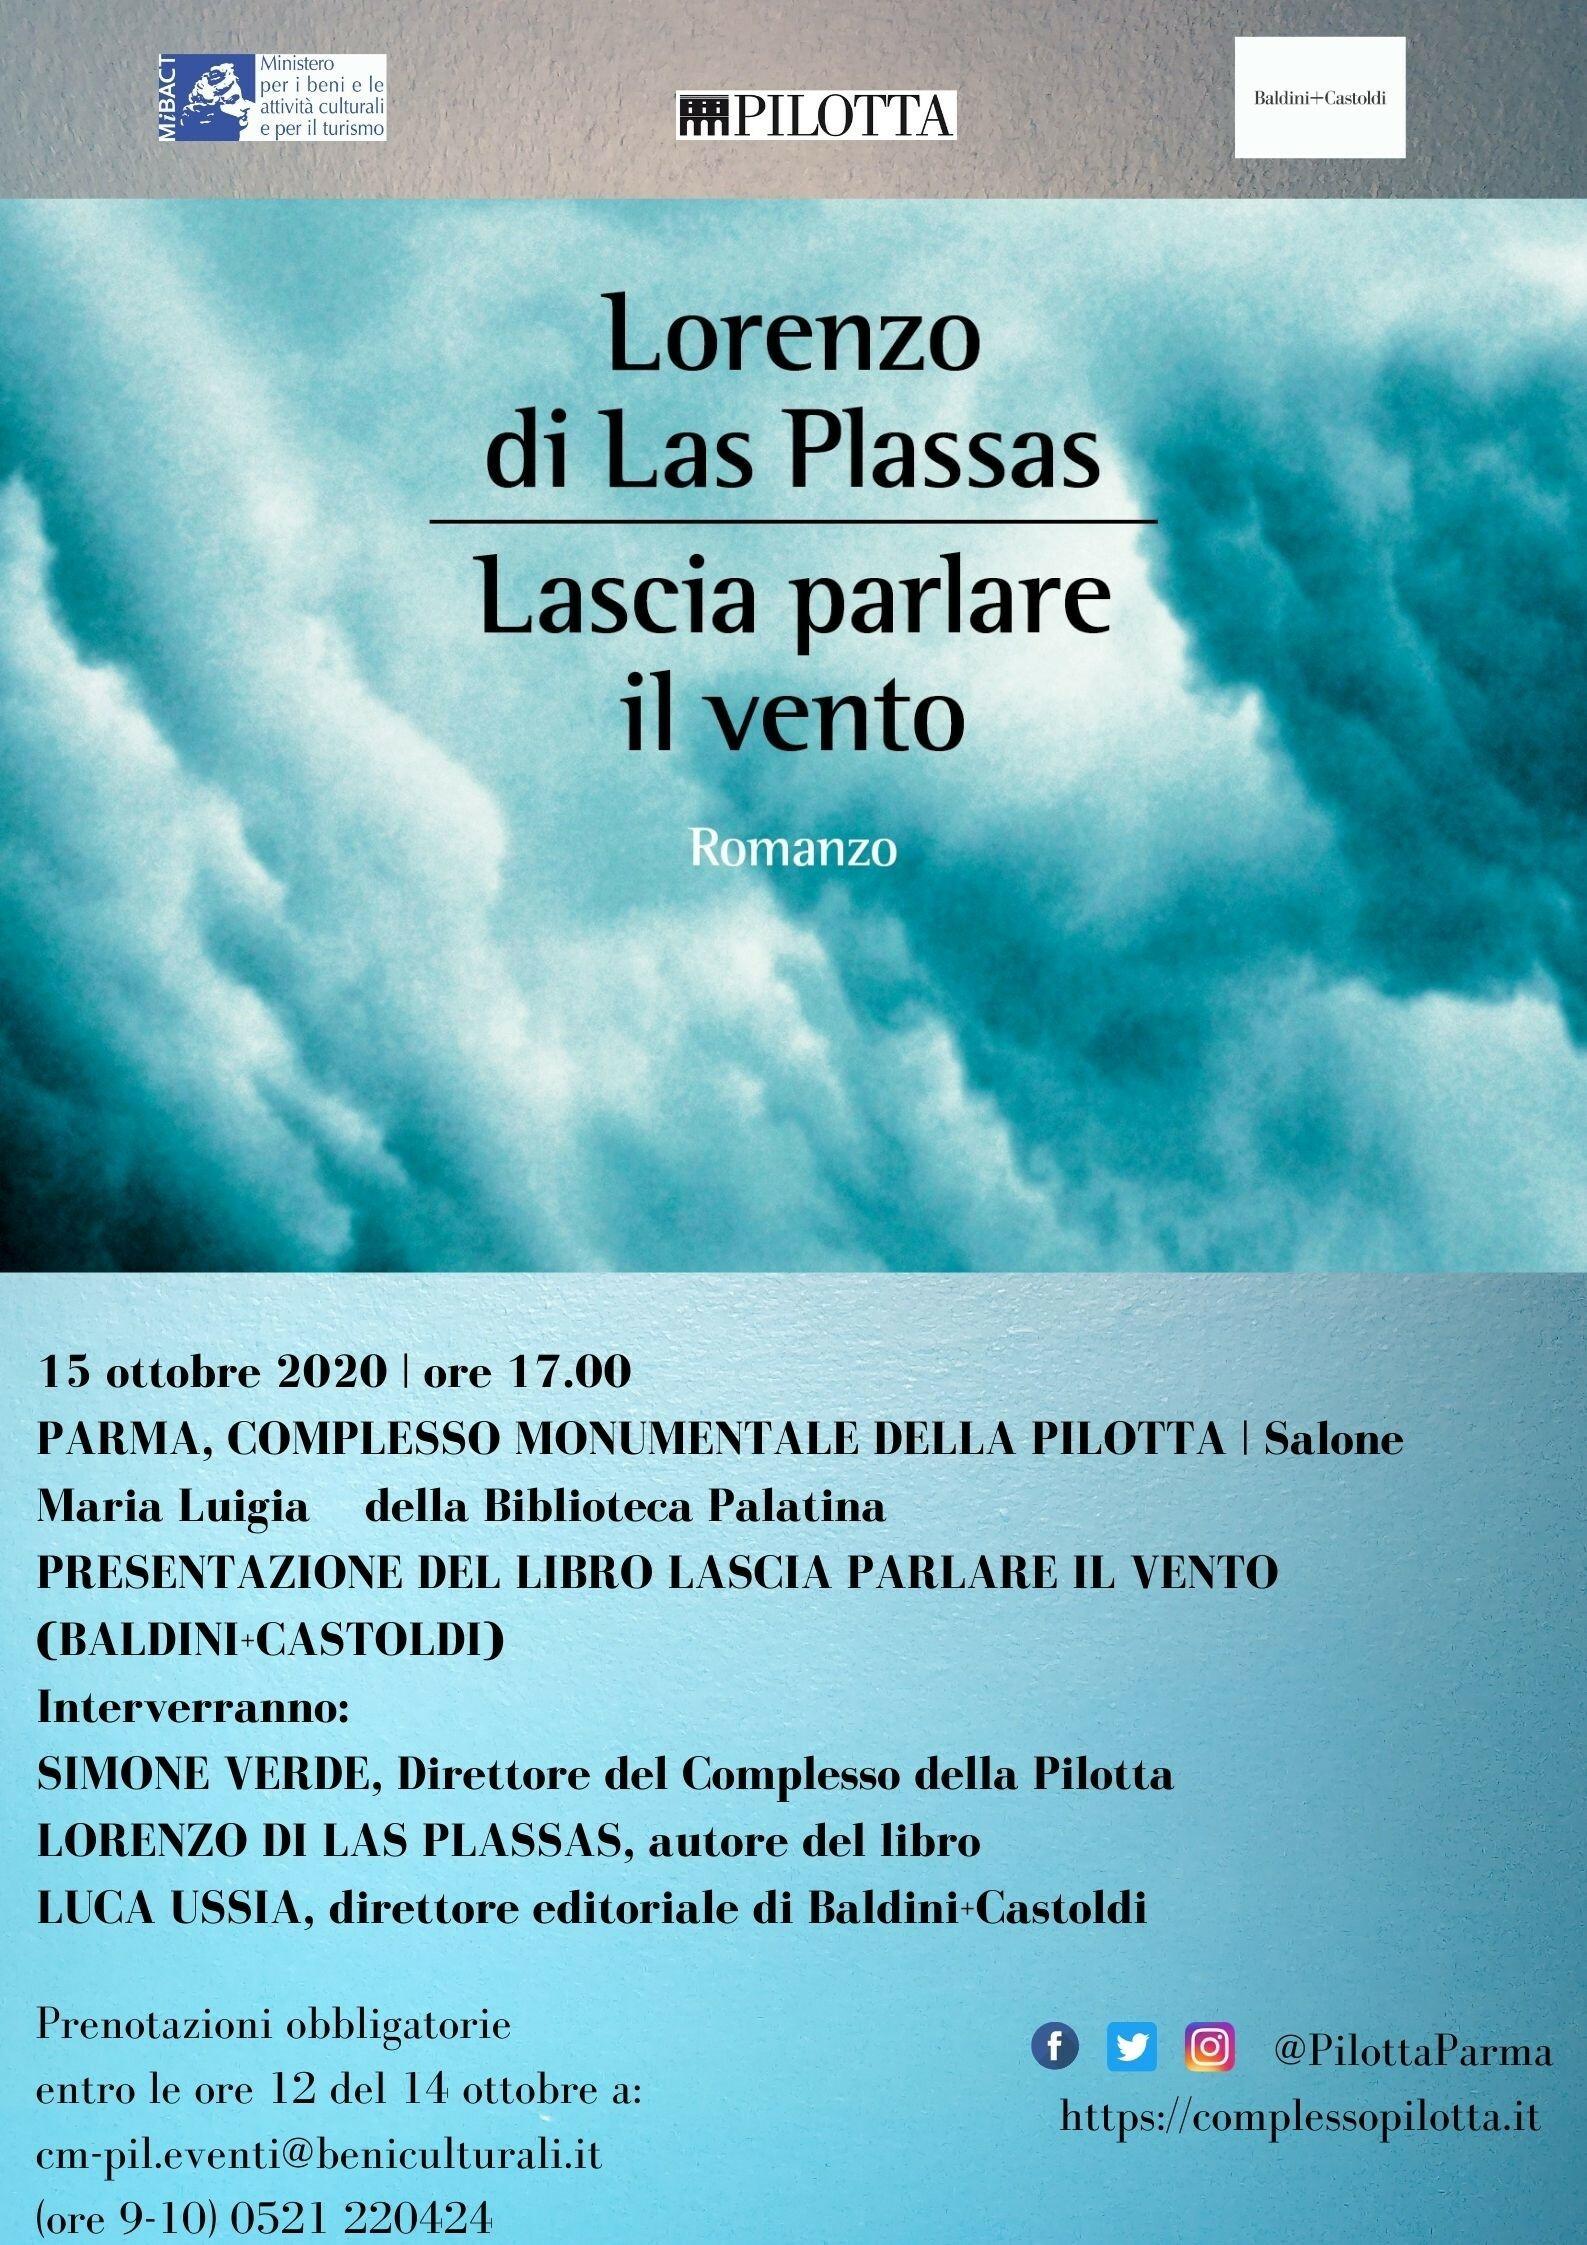 Presentazione del libro di Lorenzo di Las Plassas LASCIA PARLARE IL VENTO